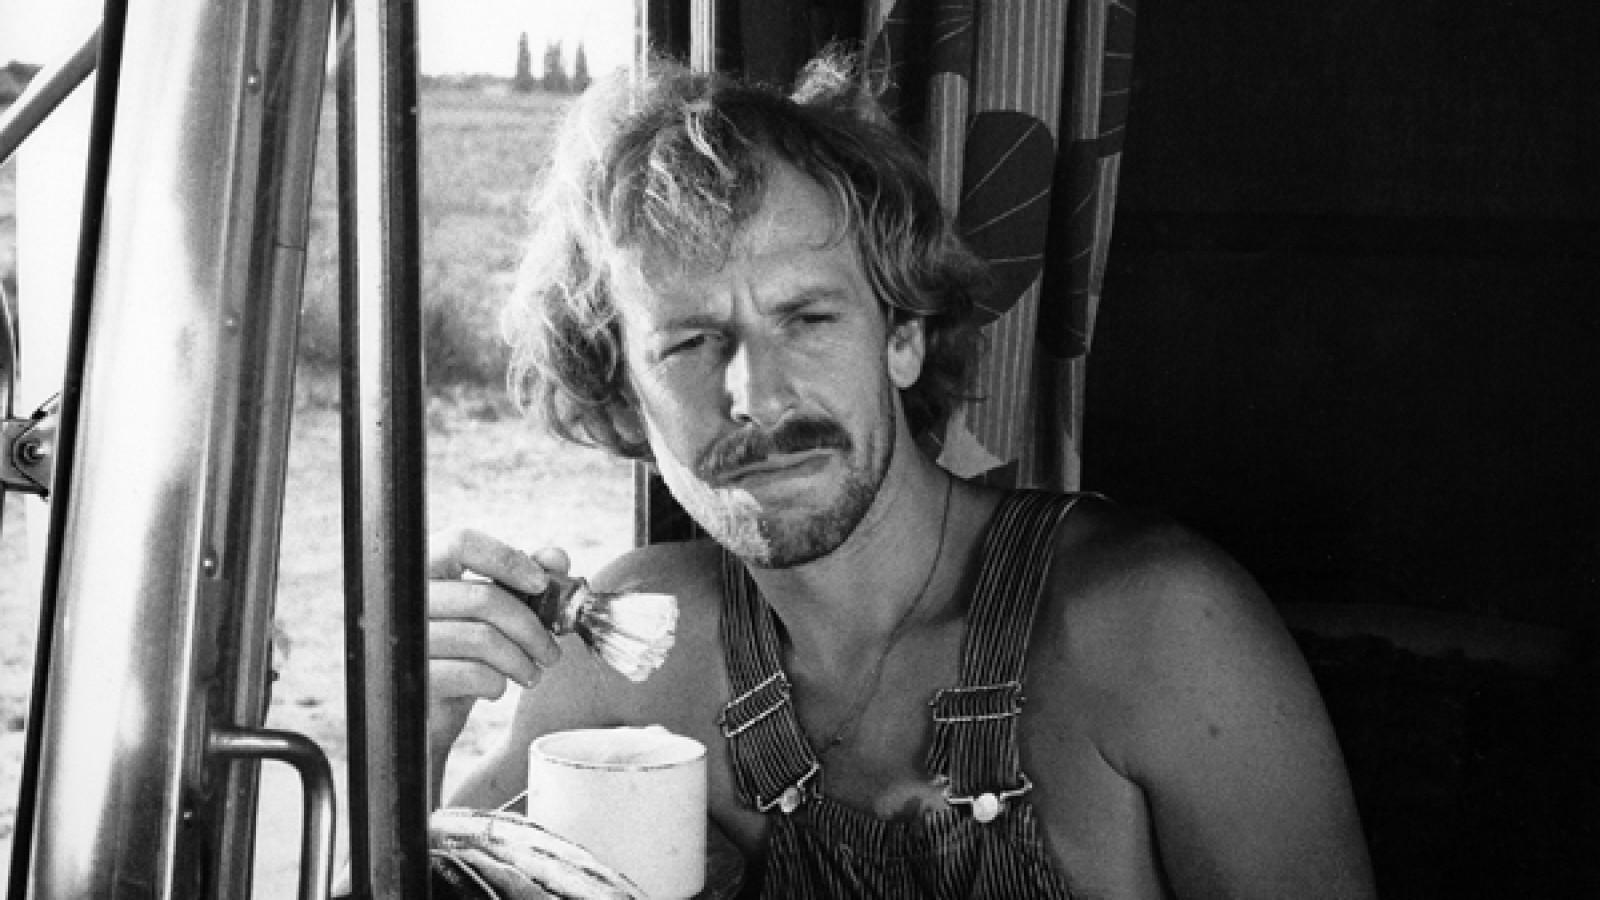 Nel corso del tempo: Rüdiger Vogler in una scena del film